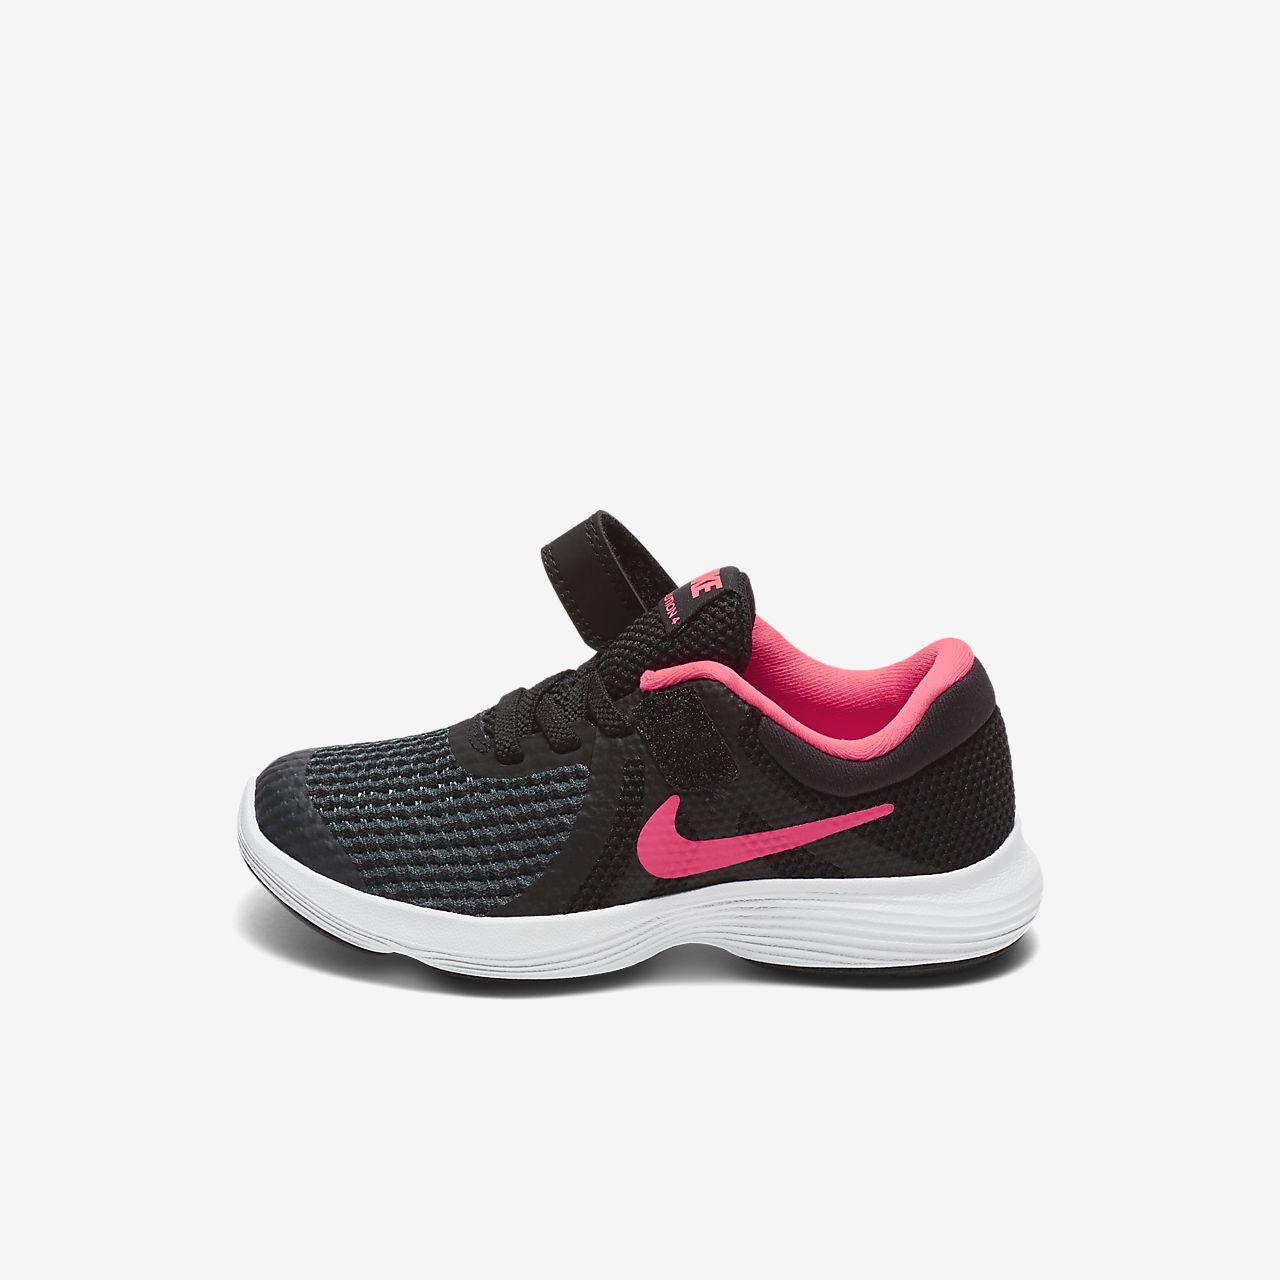 54081723ce69 Nike Revolution 4 Younger Kids  Shoe. Nike.com AU